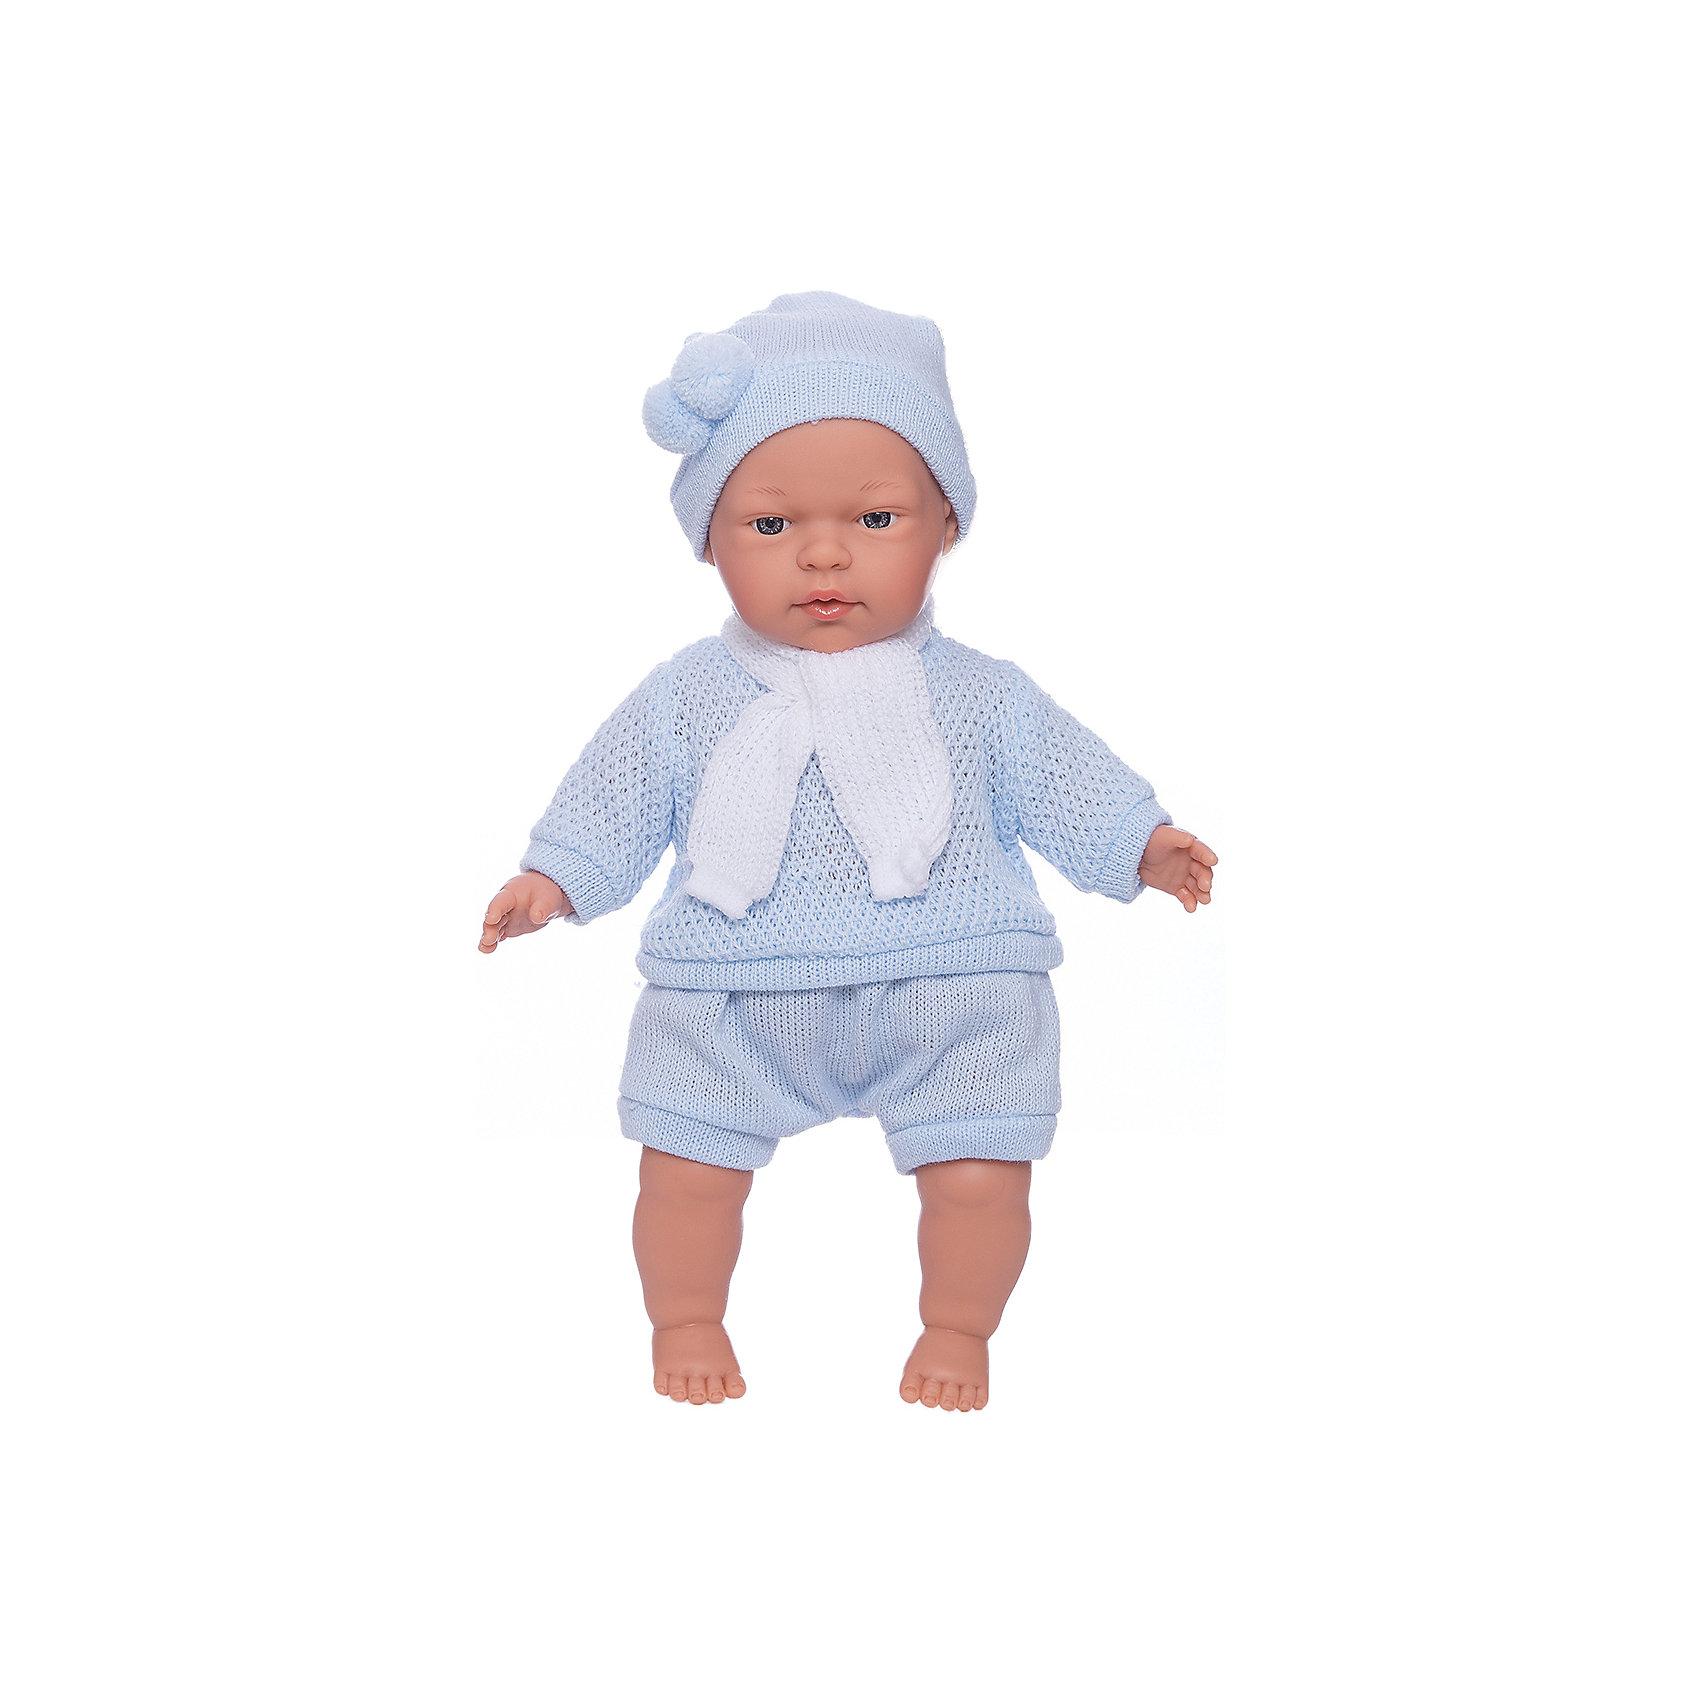 Кукла Павел, 33 см, LlorensКлассические куклы<br>Характеристики:<br><br>• Предназначение: для сюжетно-ролевых игр<br>• Тип куклы: мягконабивная<br>• Пол куклы: мальчик <br>• Волосы: прорисованные<br>• Материал: поливинилхлорид, пластик, текстиль<br>• Цвет: голубой, белый<br>• Высота куклы: 33 см<br>• Комплектация: кукла, короткие шортики, свитер, шарфик, шапочка<br>• Вес: 660 г<br>• Размеры упаковки (Д*В*Ш): 20*37*10 см<br>• Упаковка: подарочная картонная коробка <br>• Особенности ухода: допускается деликатная стирка без использования красящих и отбеливающих средств предметов одежды куклы<br><br>Кукла Павел 33 см без звука – кукла, производителем которого является всемирно известный испанский кукольный бренд Llorens. Куклы этой торговой марки имеют свою неповторимую внешность и целую линейку образов как пупсов, так и кукол-малышей. Игрушки выполнены из сочетания поливинилхлорида и пластика, что позволяет с высокой долей достоверности воссоздать физиологические и мимические особенности маленьких детей. При изготовлении кукол Llorens используются только сертифицированные материалы, безопасные и не вызывающие аллергических реакций. Волосы у кукол-пупсов прорисованные; ручки и ножки двигаются.<br>Кукла Павел 33 см без звука выполнена в образе очаровательного малыша: голубые глазки и пухлые щечки создают невероятно очаровательный и милый образ. В комплект одежды Павла входит костюмчик нежно-голубого цвета, состоящий из вязаных шортиков, свитера, шапочки с помпоном и шарфика. <br>Кукла Павел 33 см без звука – это идеальный вариант для подарка к различным праздникам и торжествам.<br><br>Куклу Павла 33 см без звука можно купить в нашем интернет-магазине.<br><br>Ширина мм: 20<br>Глубина мм: 37<br>Высота мм: 10<br>Вес г: 660<br>Возраст от месяцев: 36<br>Возраст до месяцев: 84<br>Пол: Женский<br>Возраст: Детский<br>SKU: 5086900